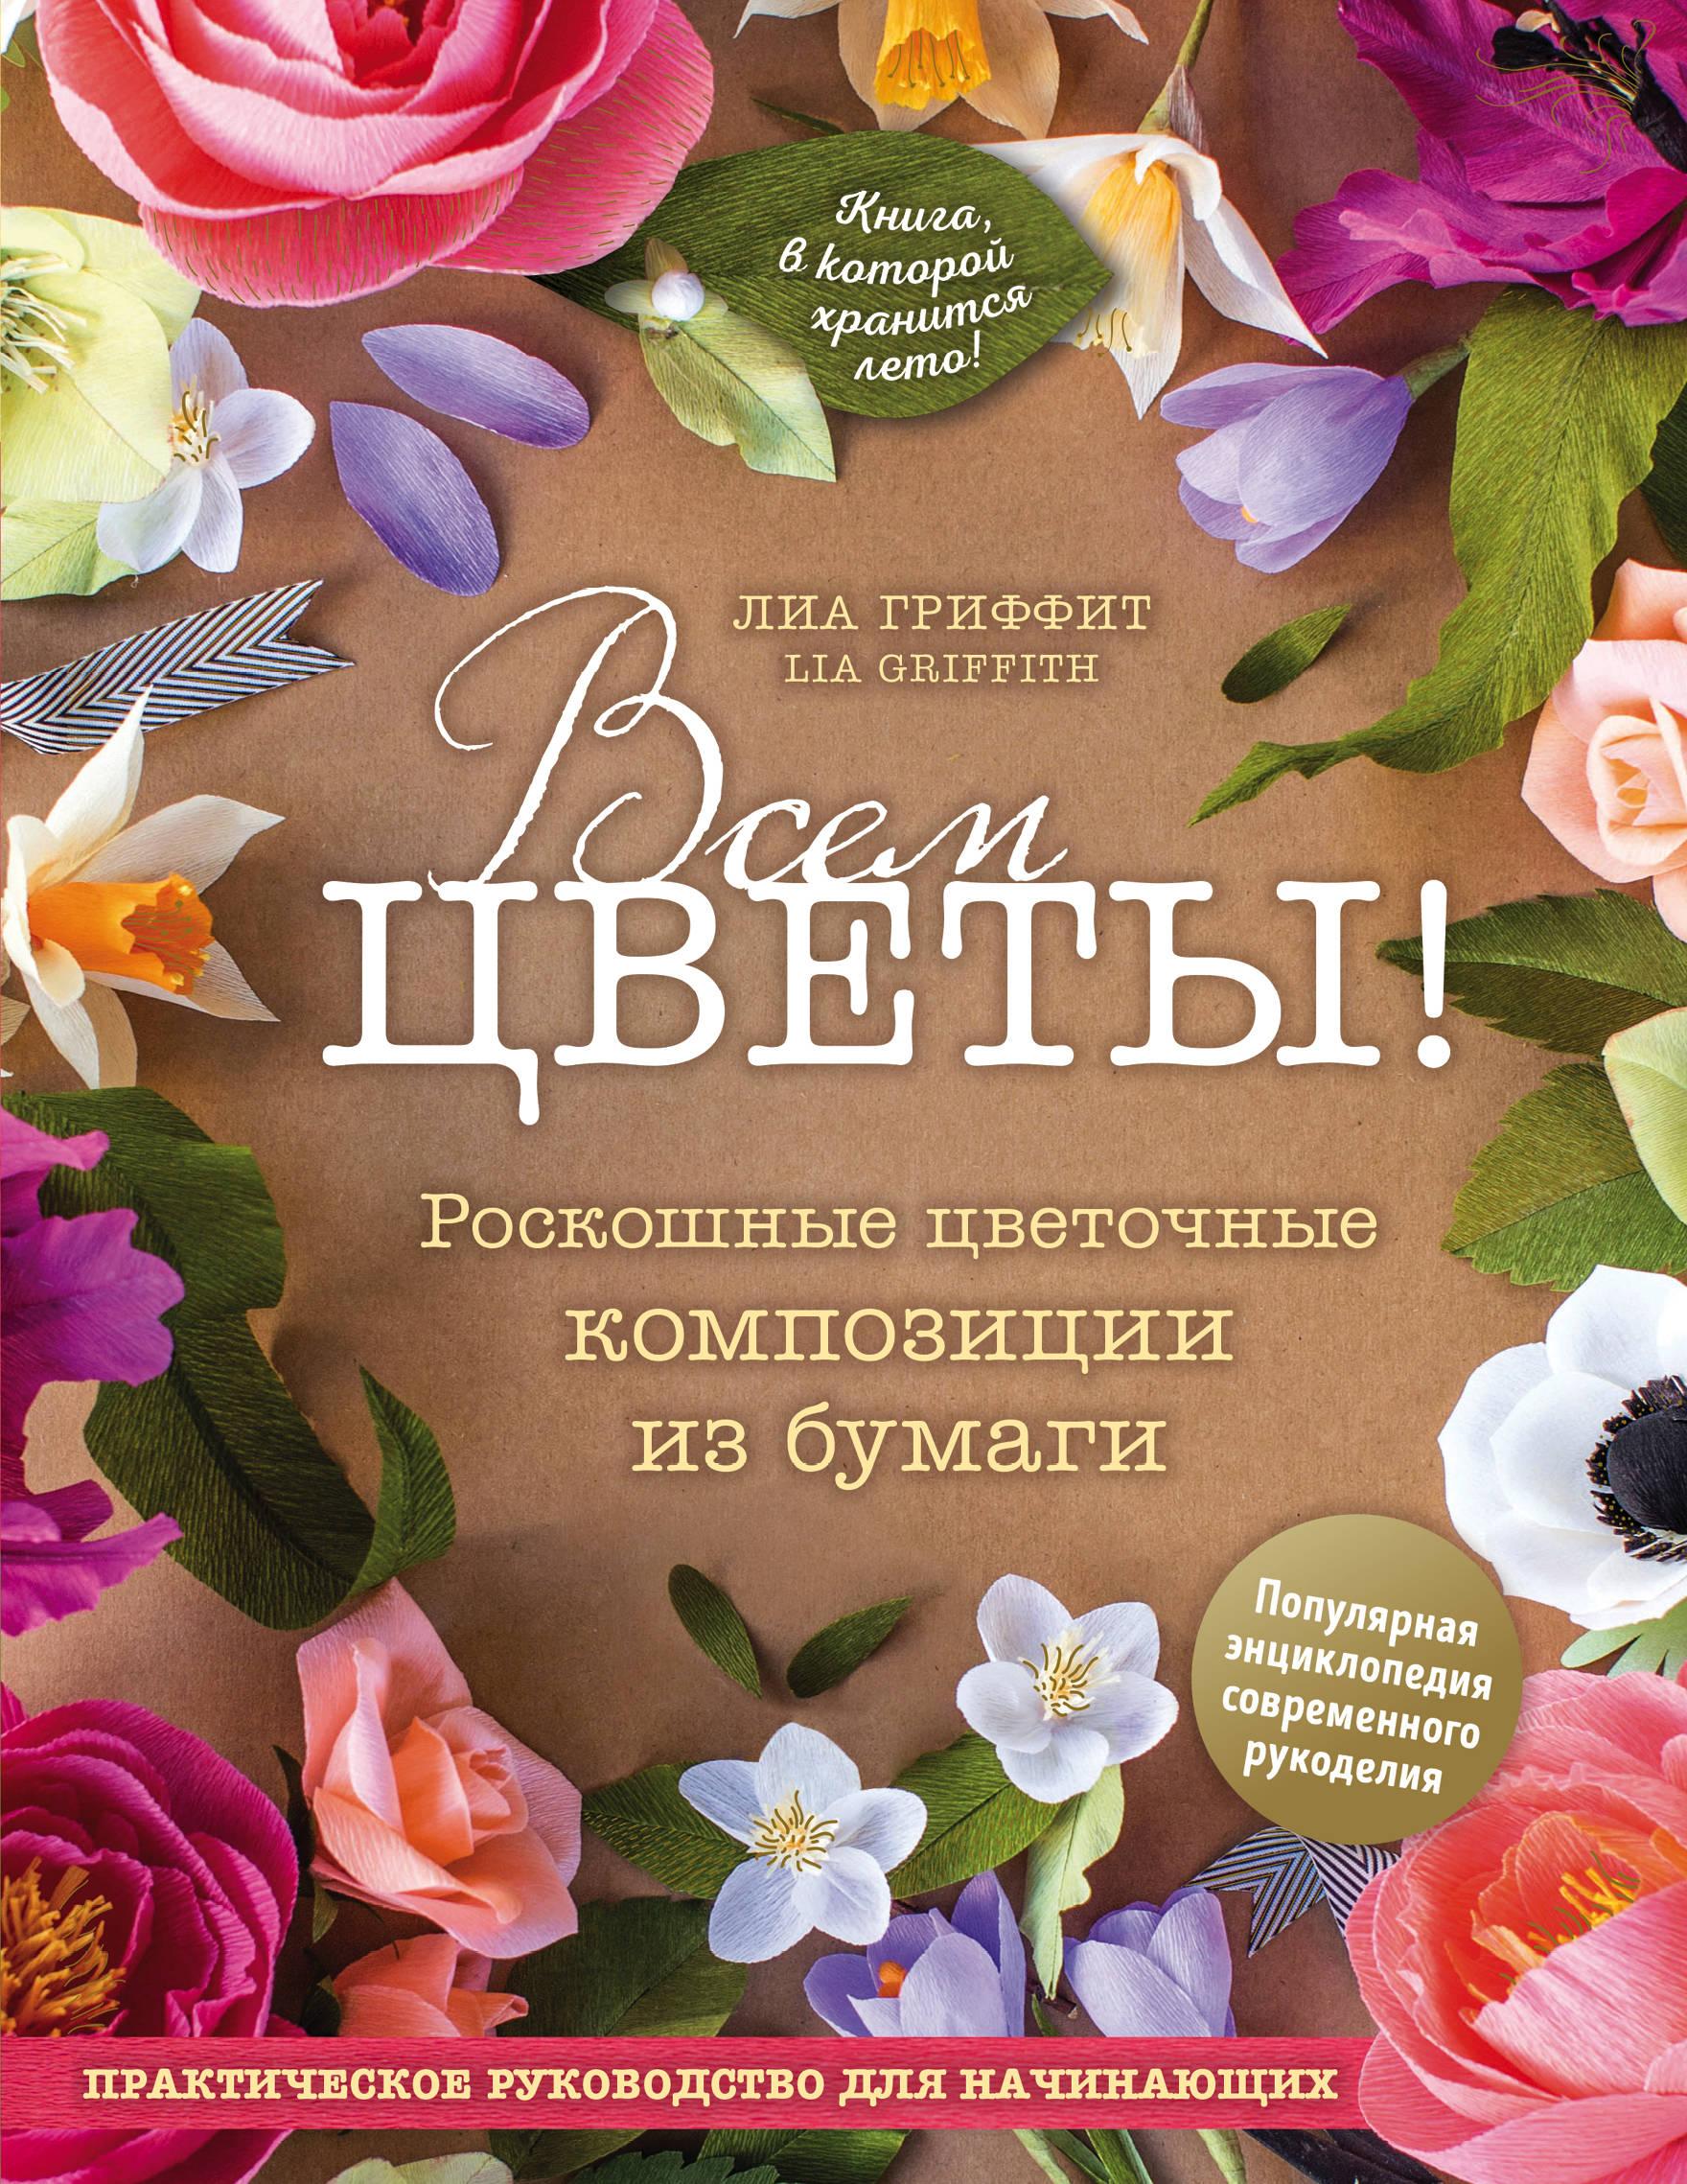 Лиа Гриффит Всем цветы! Роскошные цветочные композиции из бумаги. Практическое руководство для начинающих